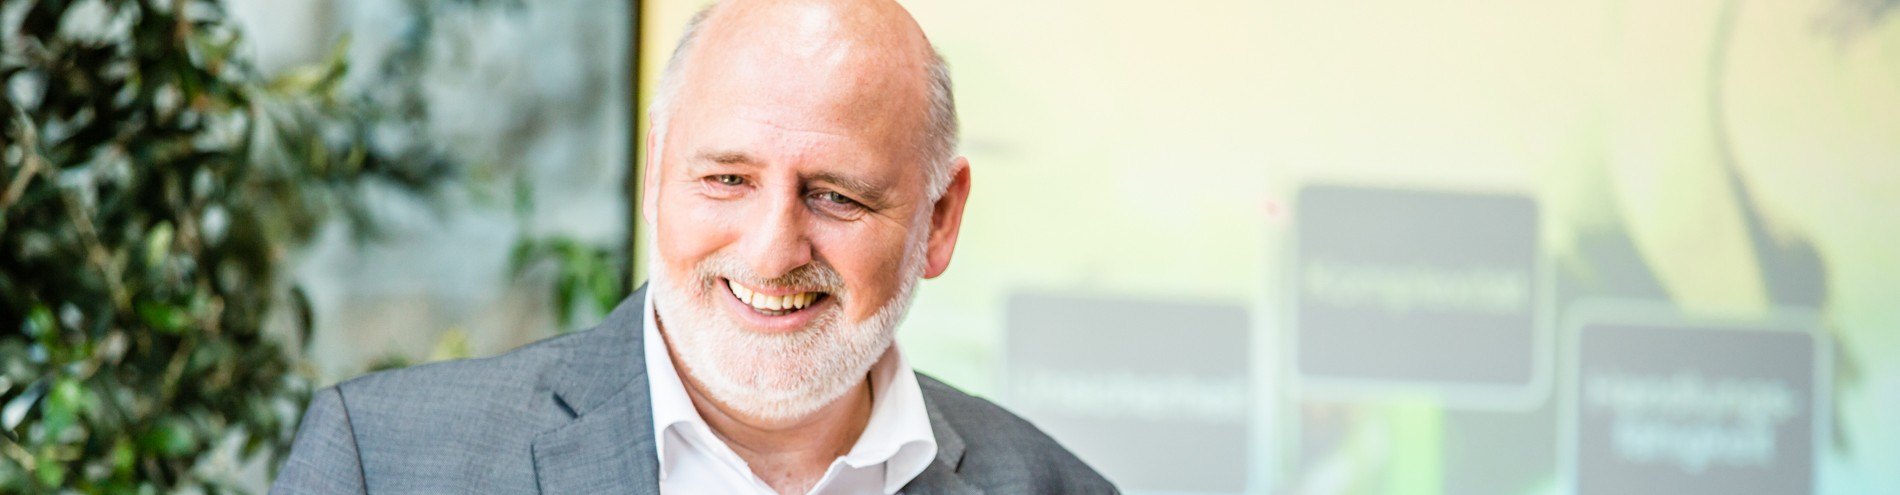 Dr. Robert Freund